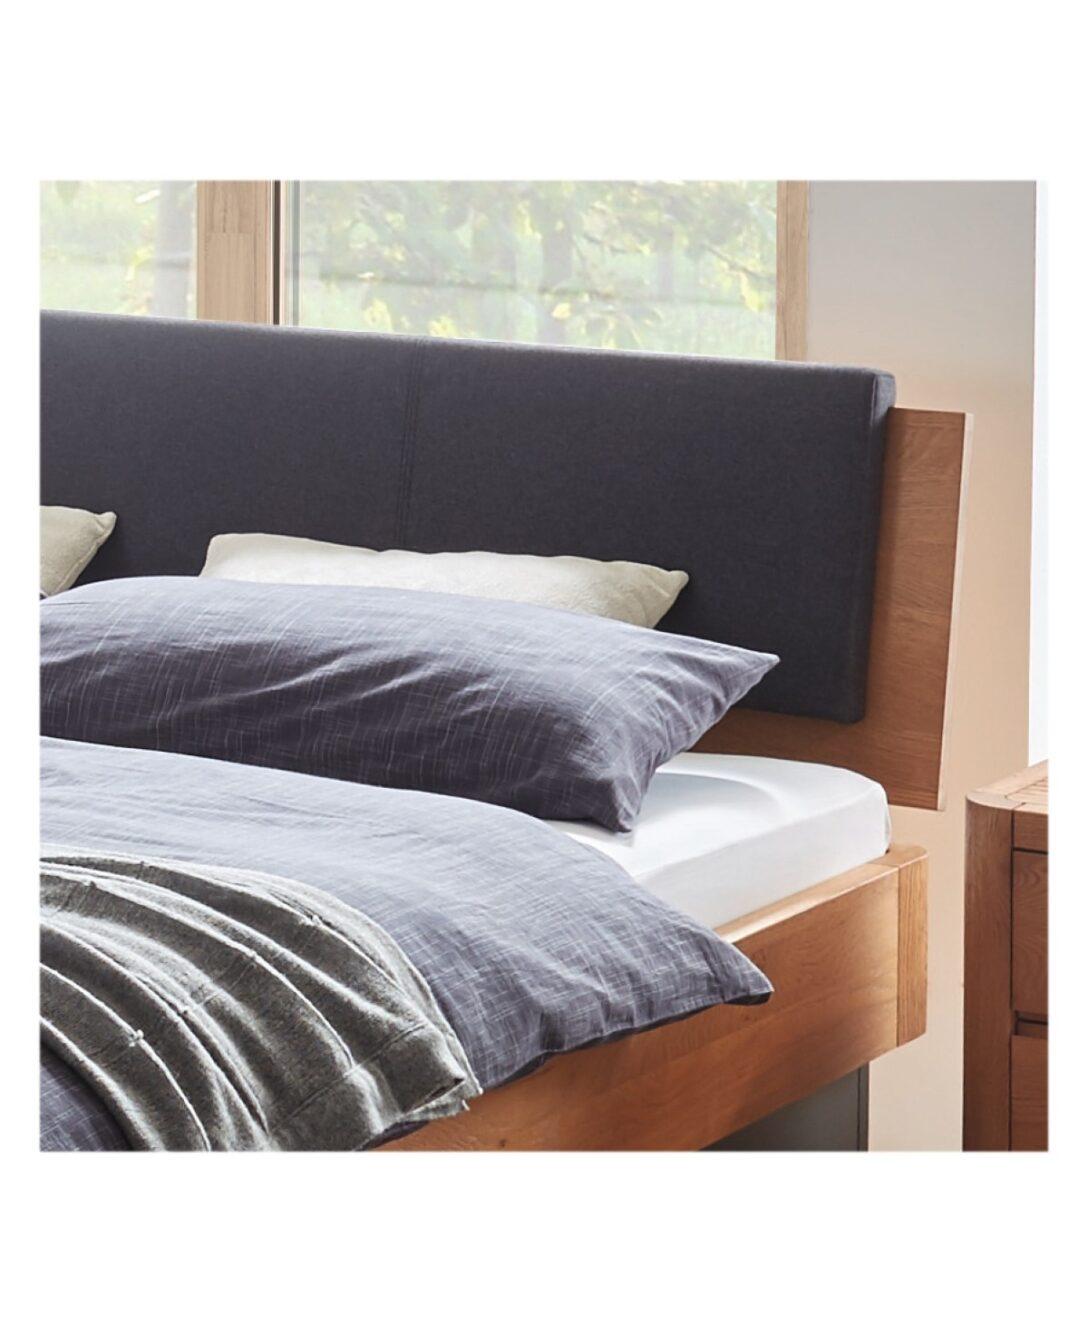 Large Size of Stauraumbett 200x200 Bett Mit Bettkasten Weiß Betten Stauraum Komforthöhe Wohnzimmer Stauraumbett 200x200